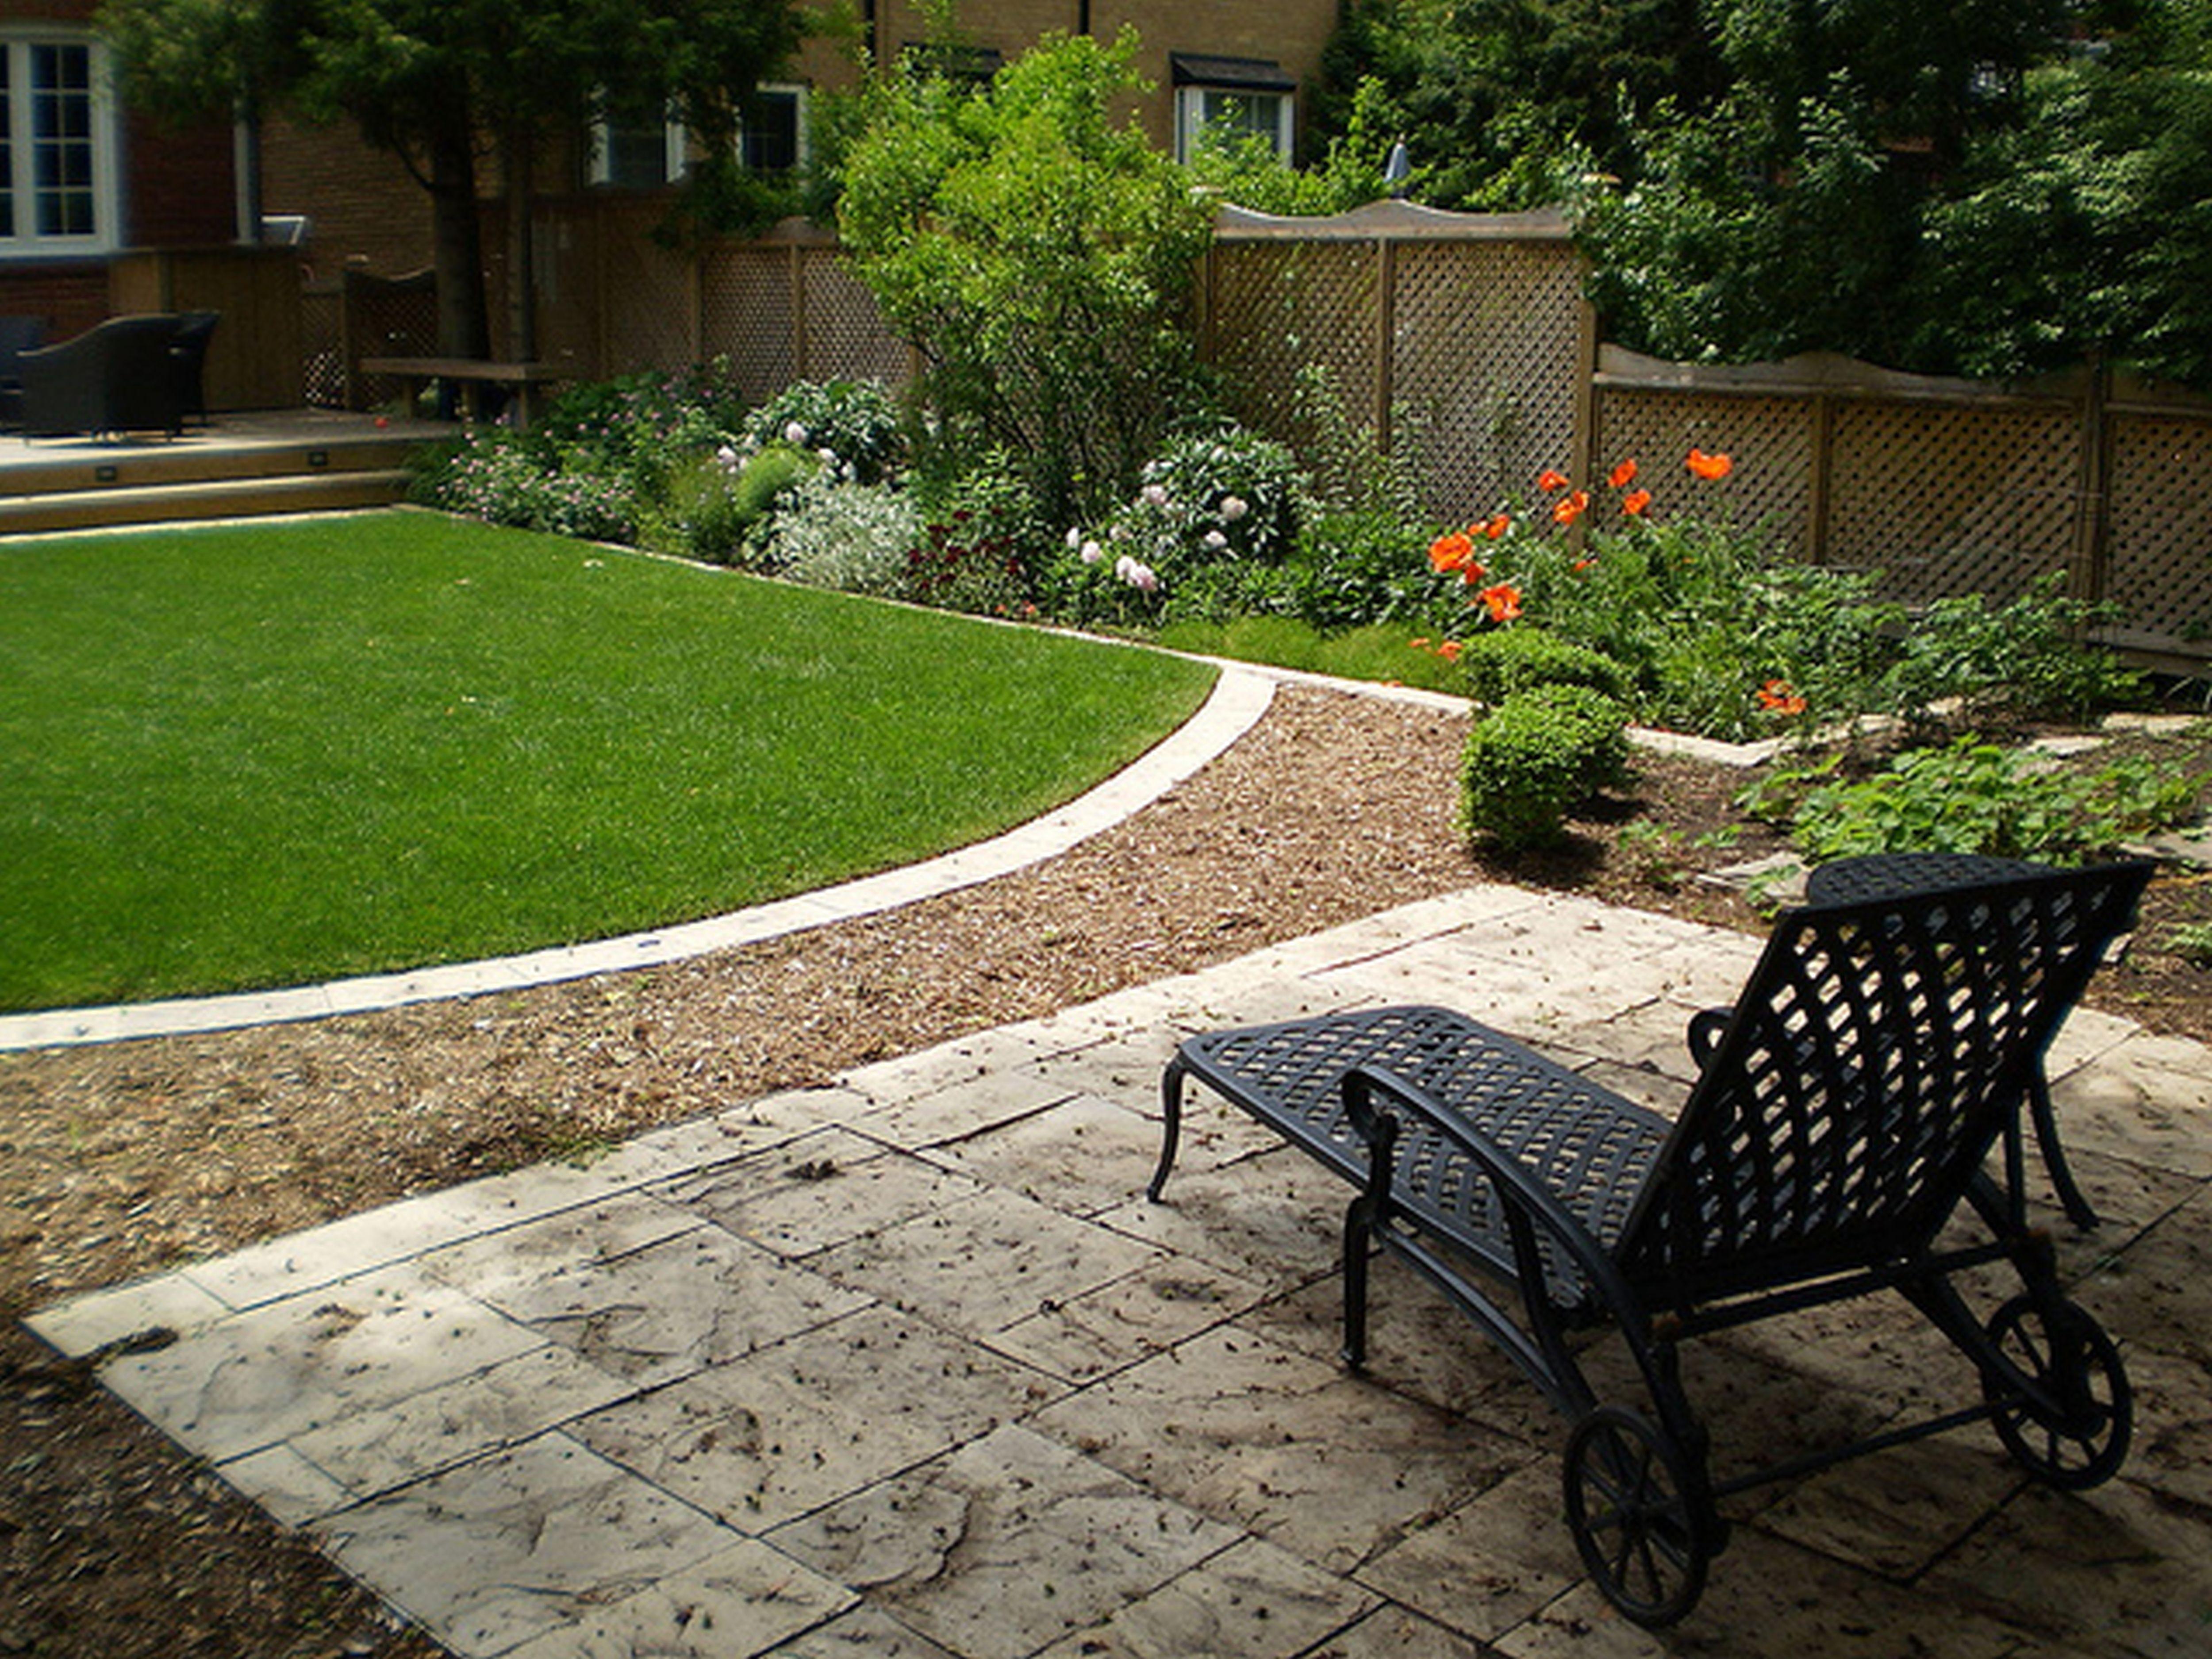 garden design ideas for small backyards photo - 3